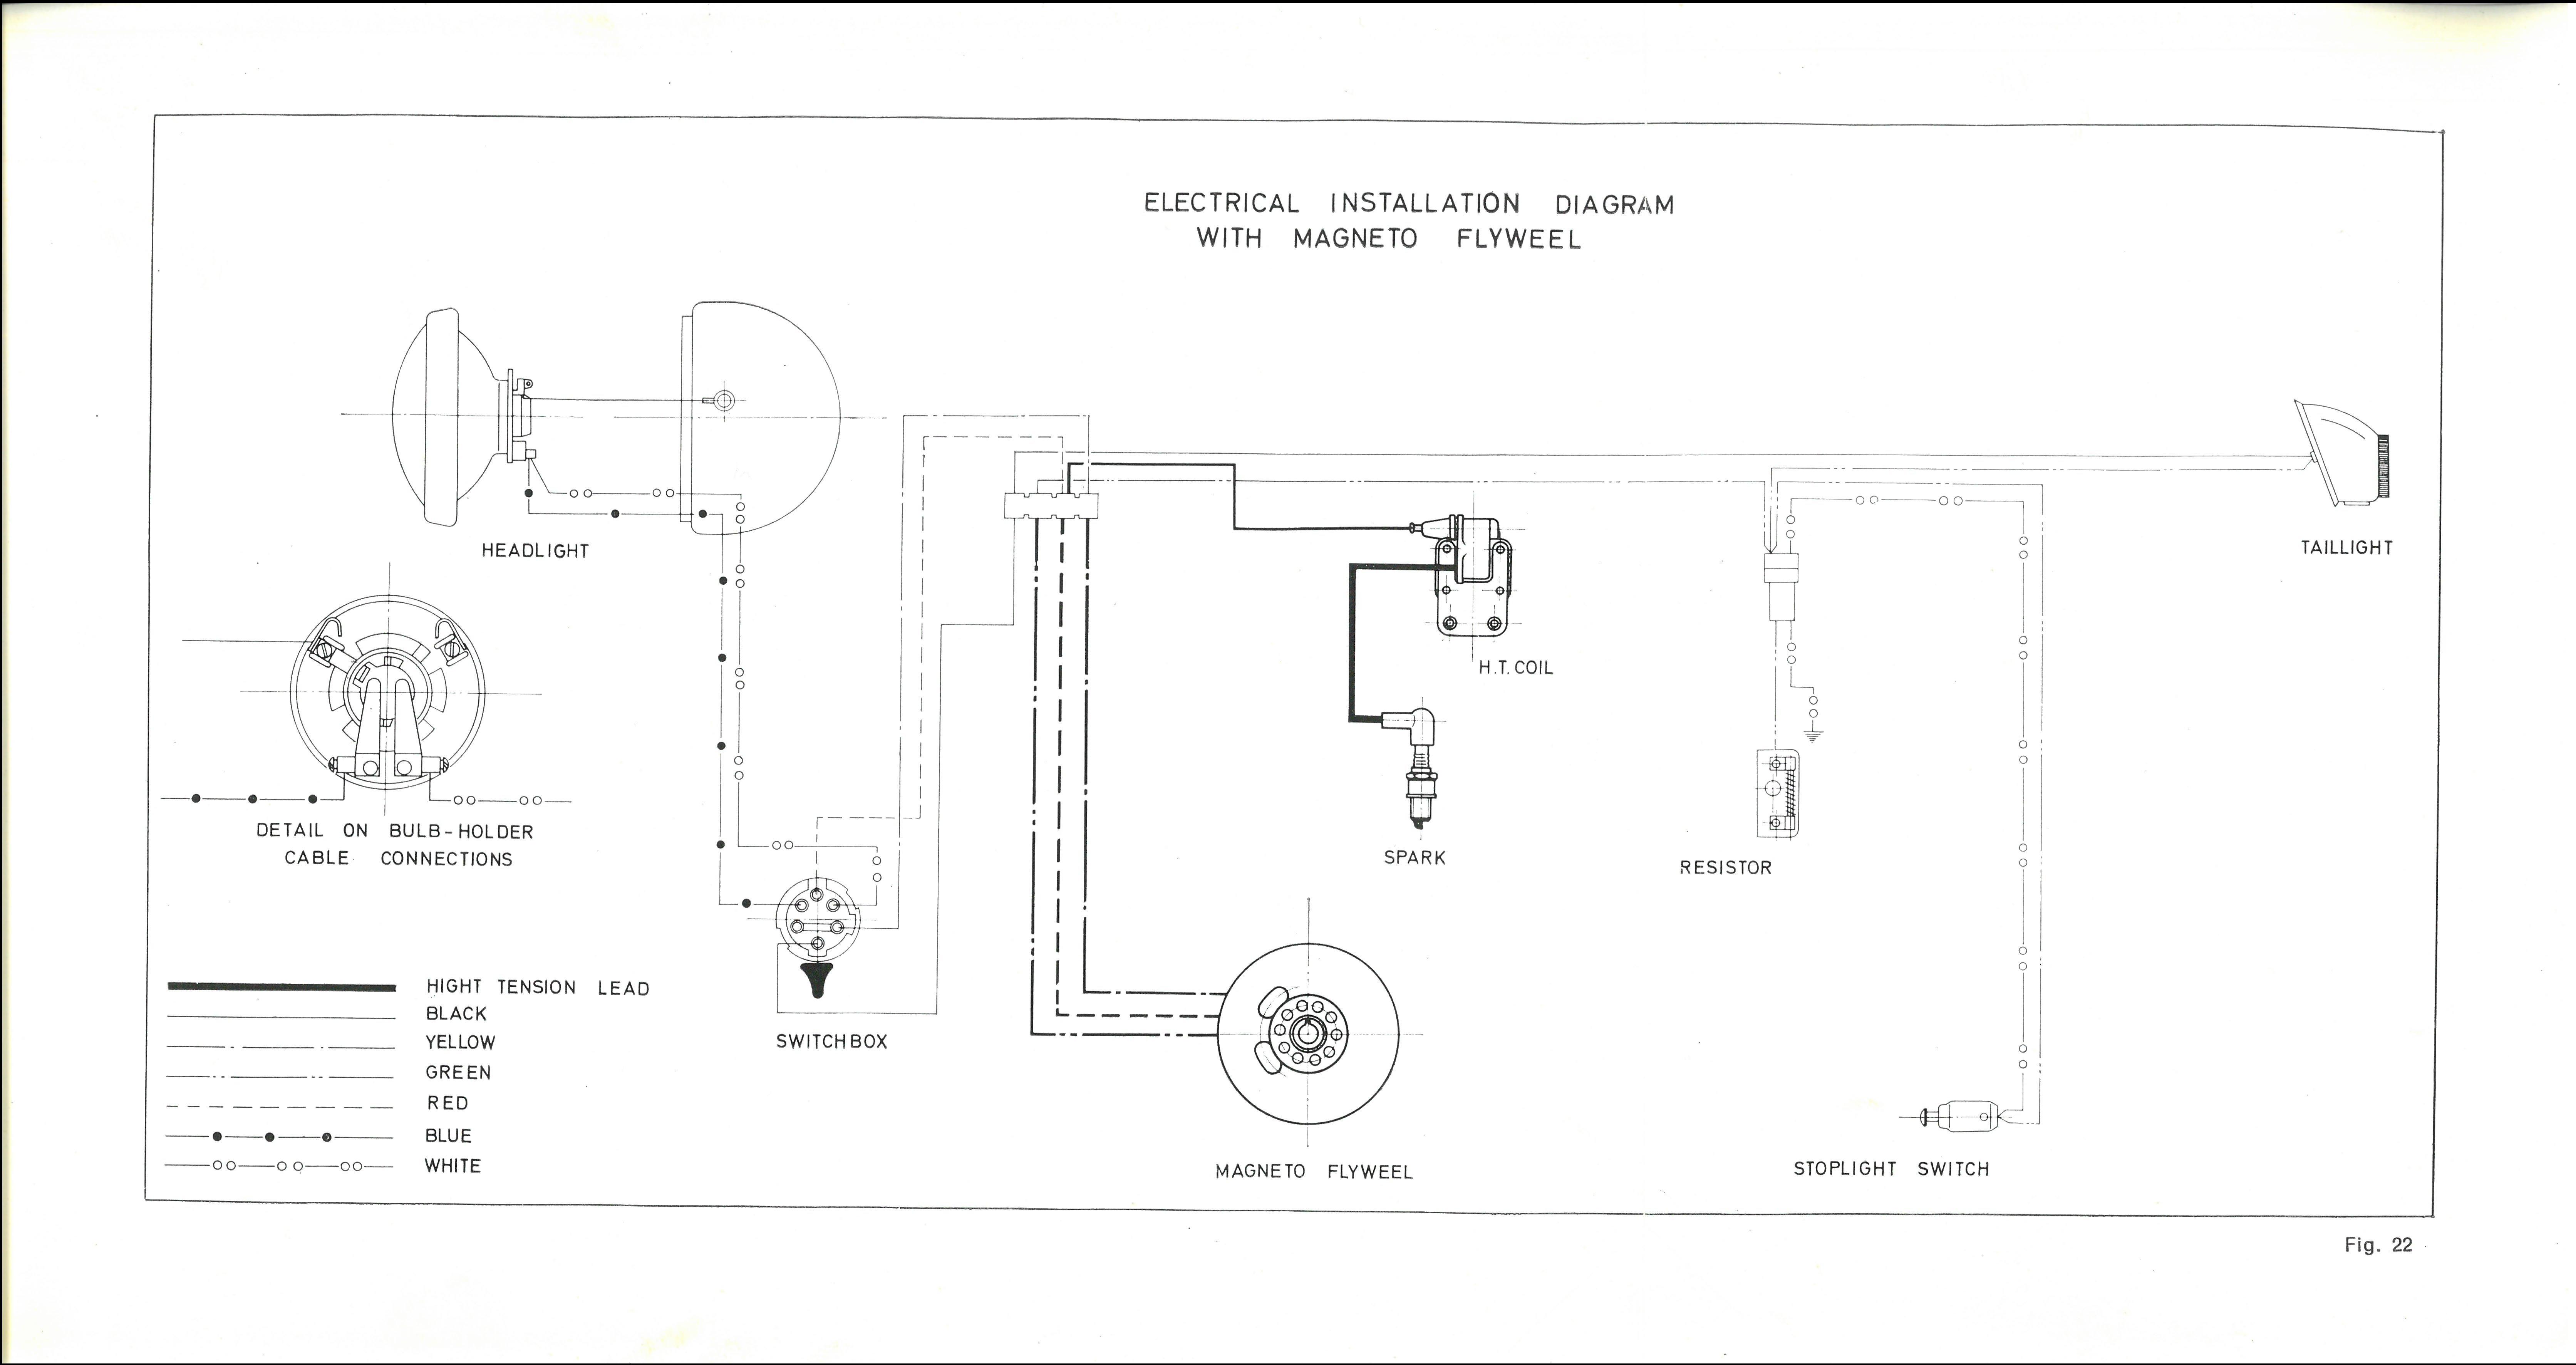 Bultaco Wiring Schematic